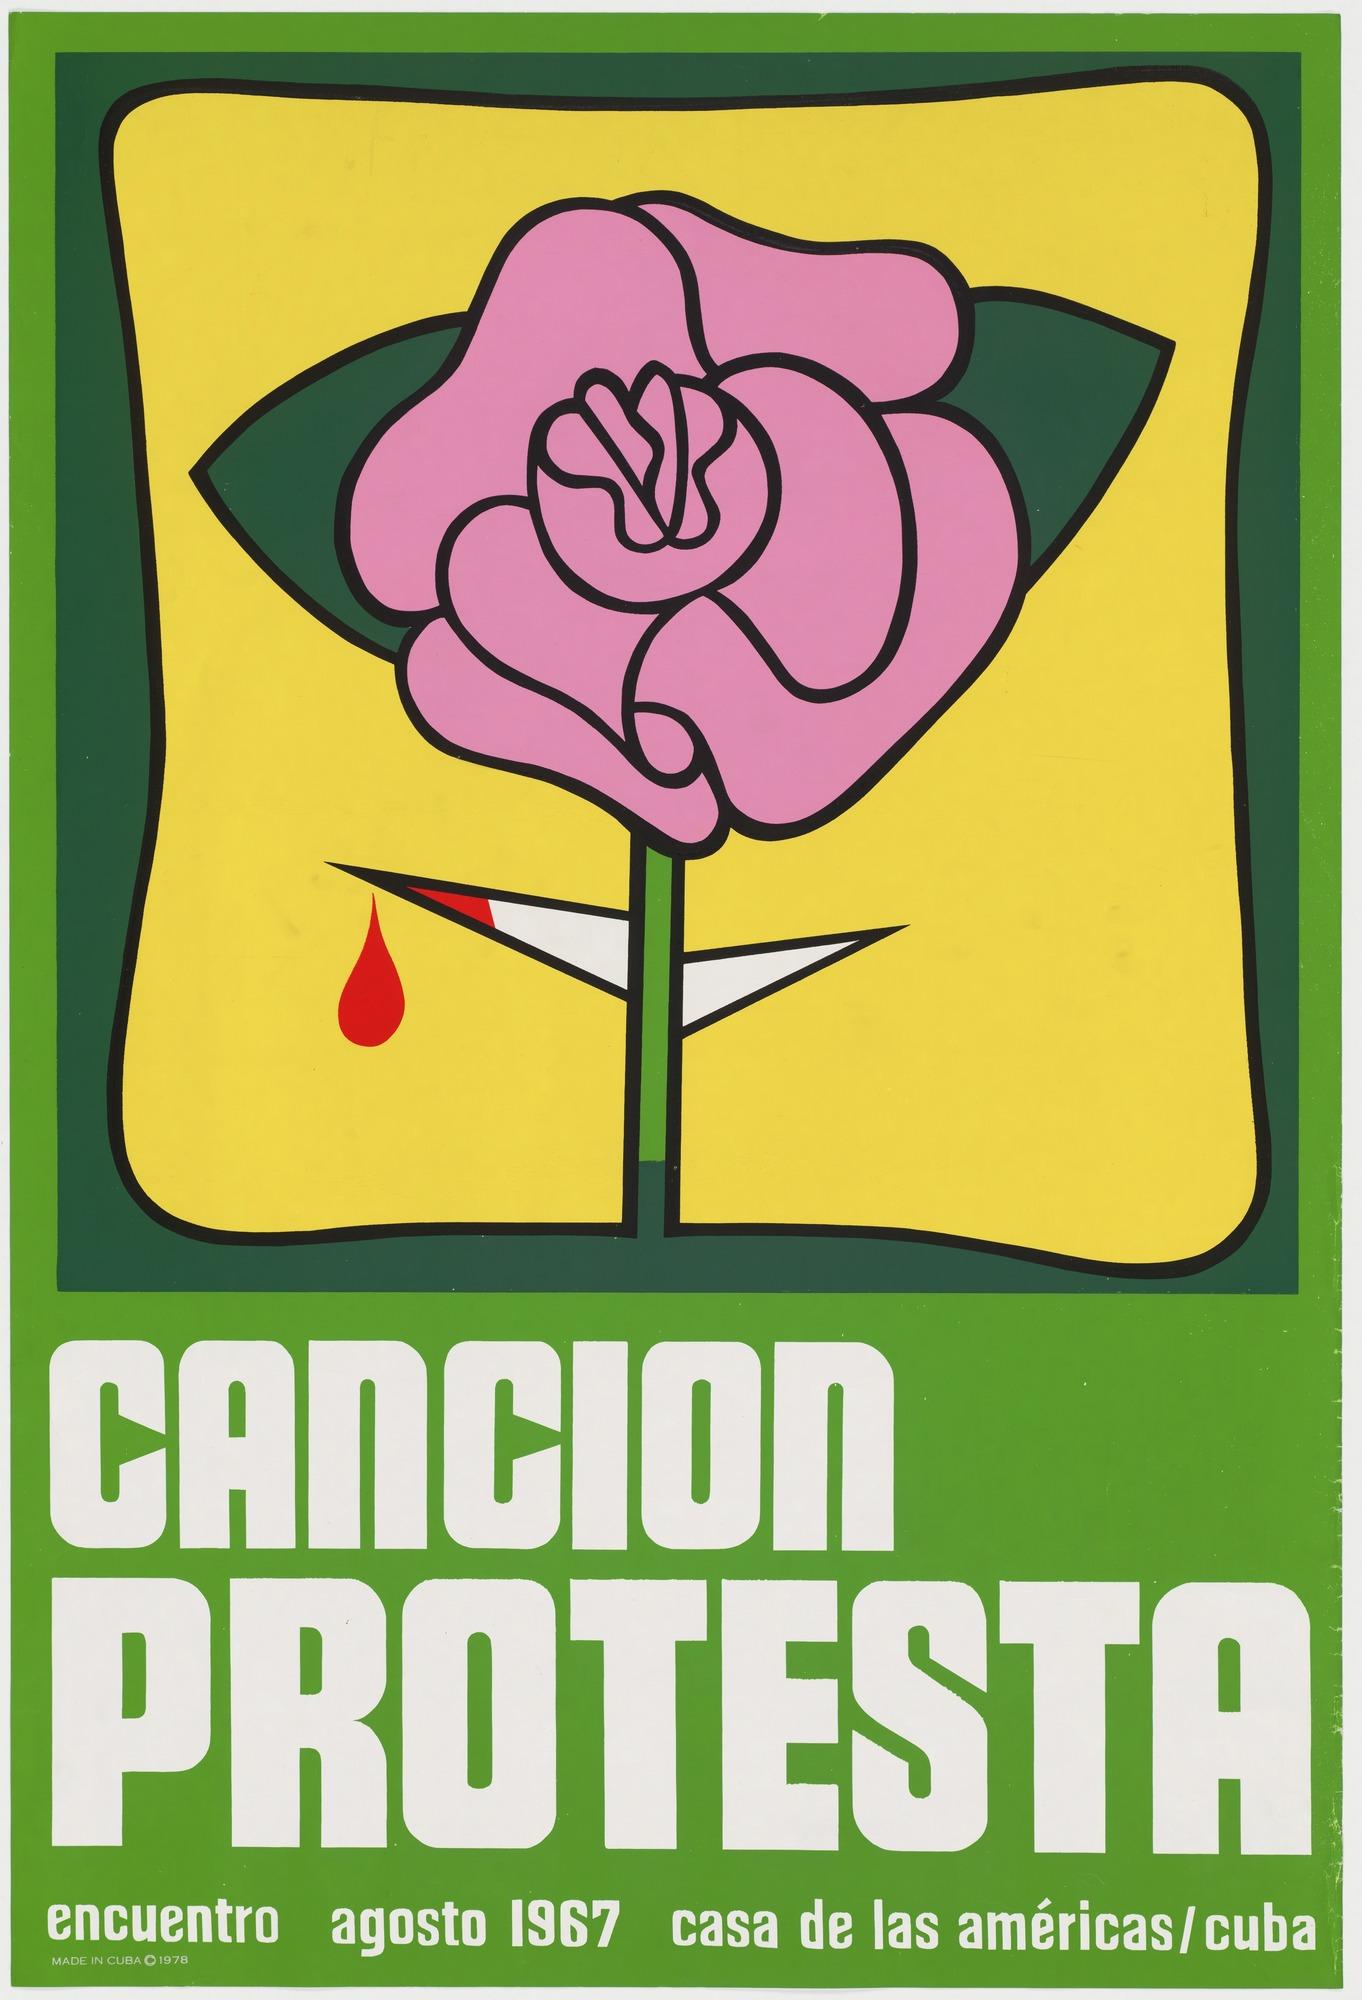 Un ícono creado por Alfredo Rostgaard (1943-2004).